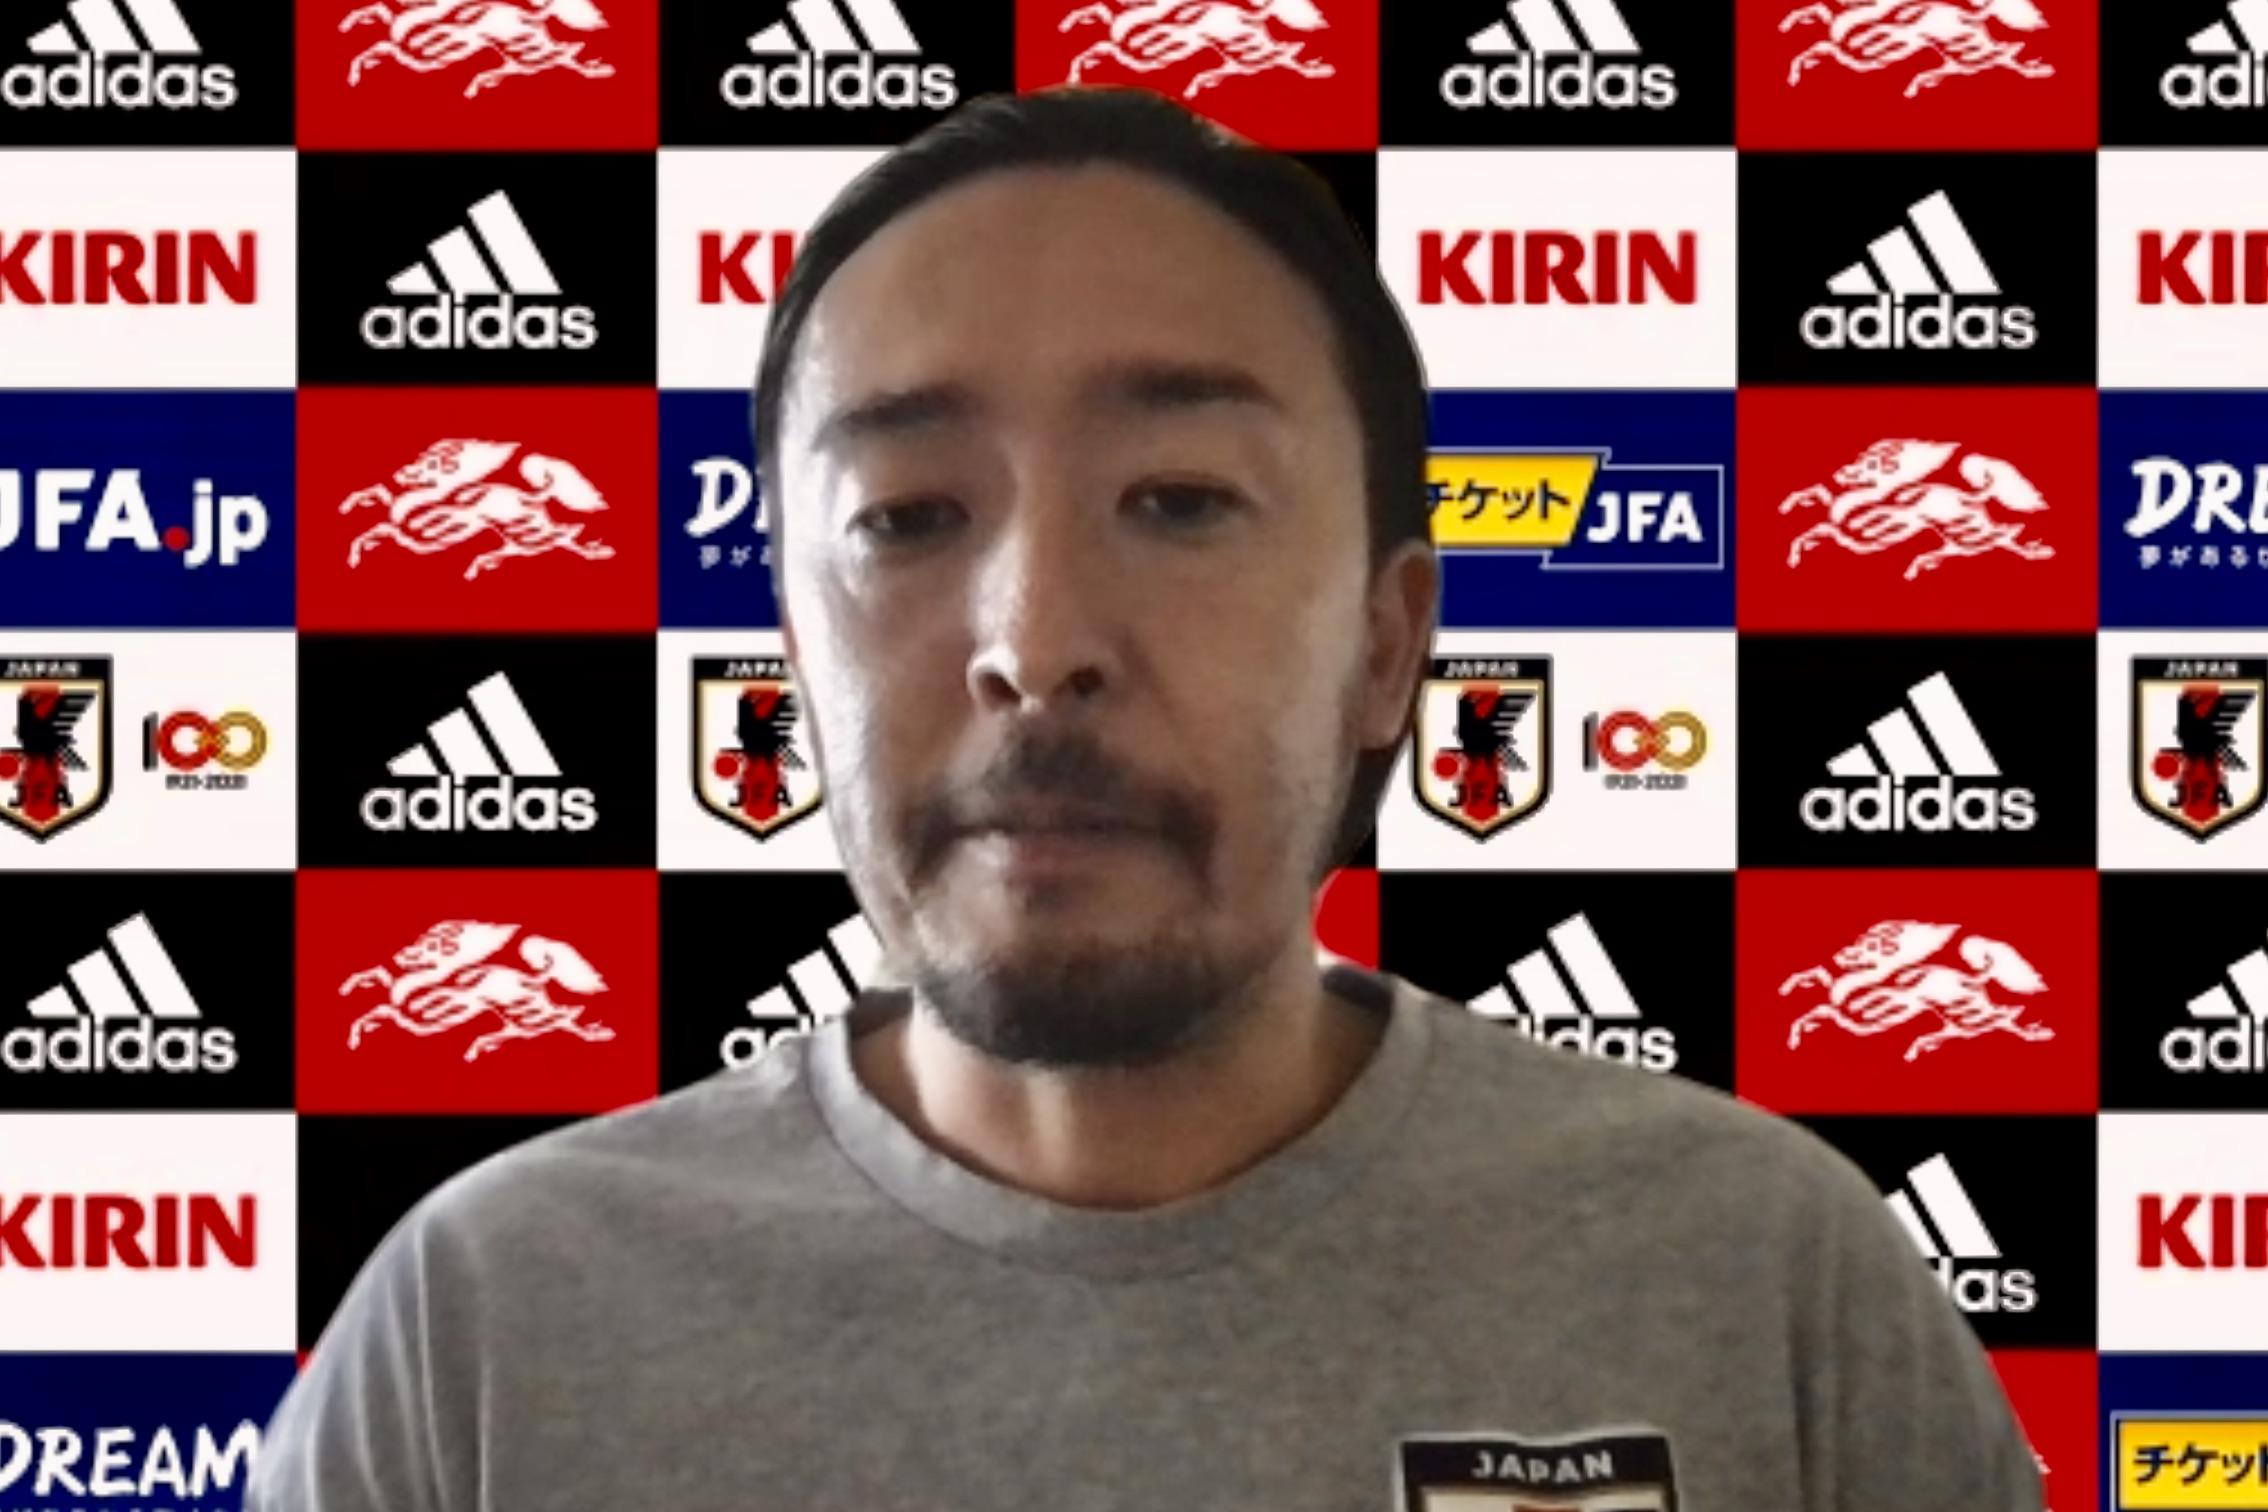 【U-20日本代表/WEB取材】「日本全体のフットサルレベルを底上げしていくために……」オーシャンカップが延期。木暮監督は今回の活動にどんな意味を持って臨むのか。